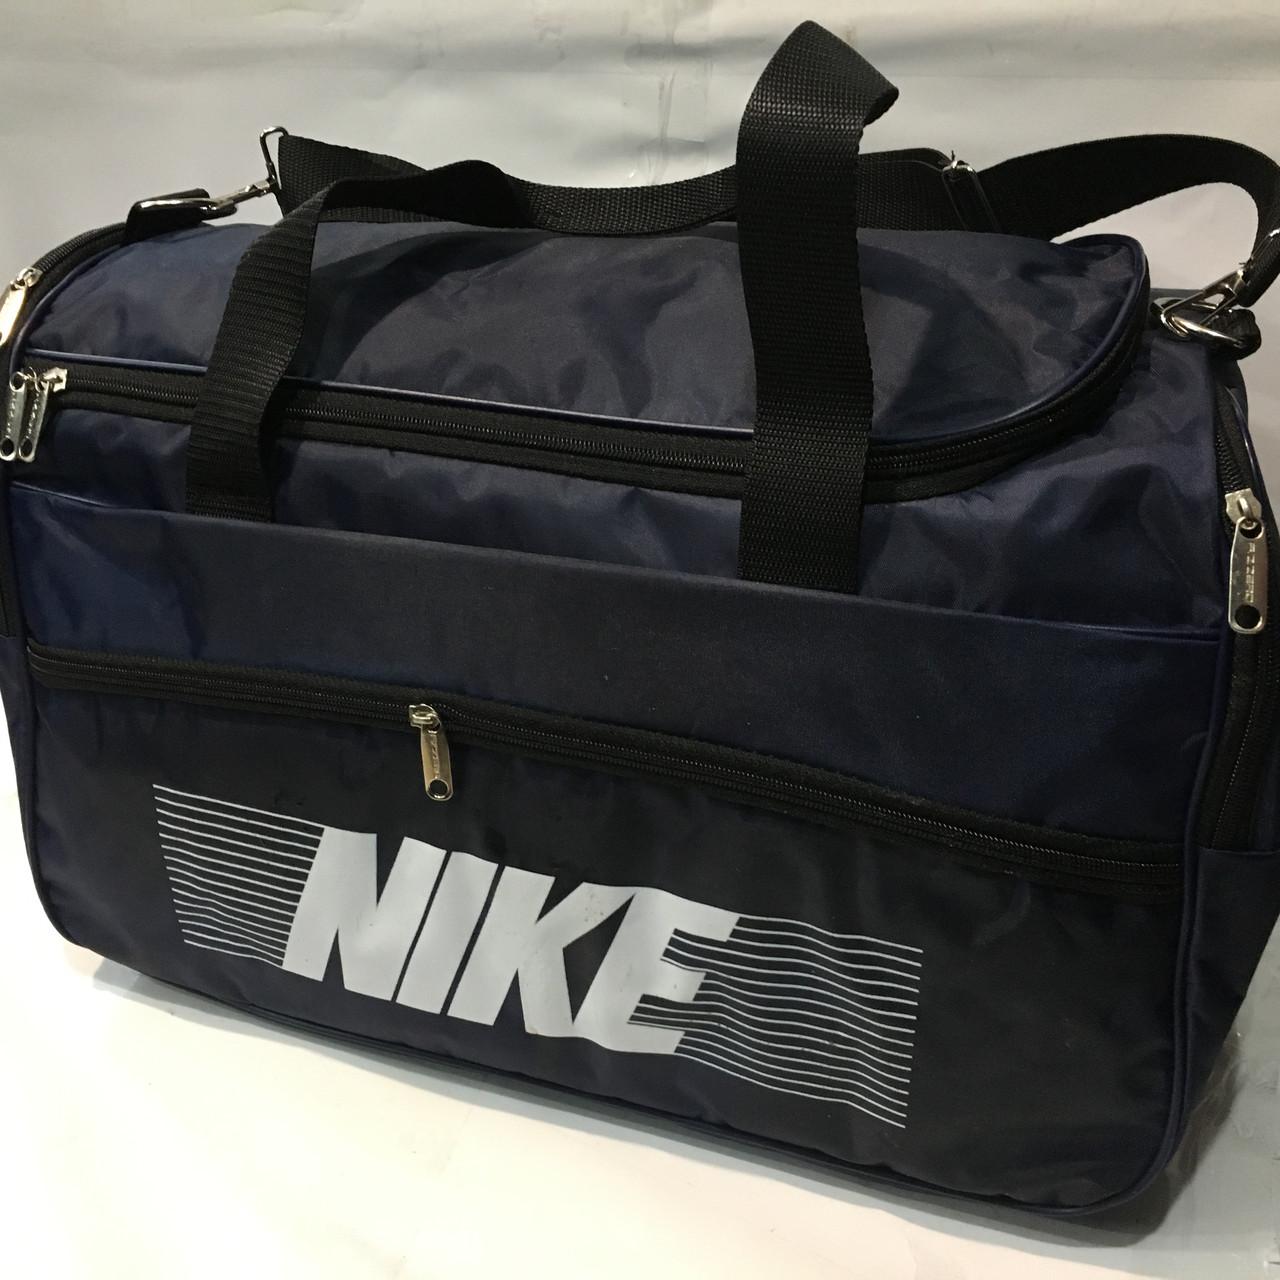 6b66c9f1c04c Спортивная дорожная сумка NIKE сумки из ткани, магазин дорожных сумок, сумка  для обуви оптом